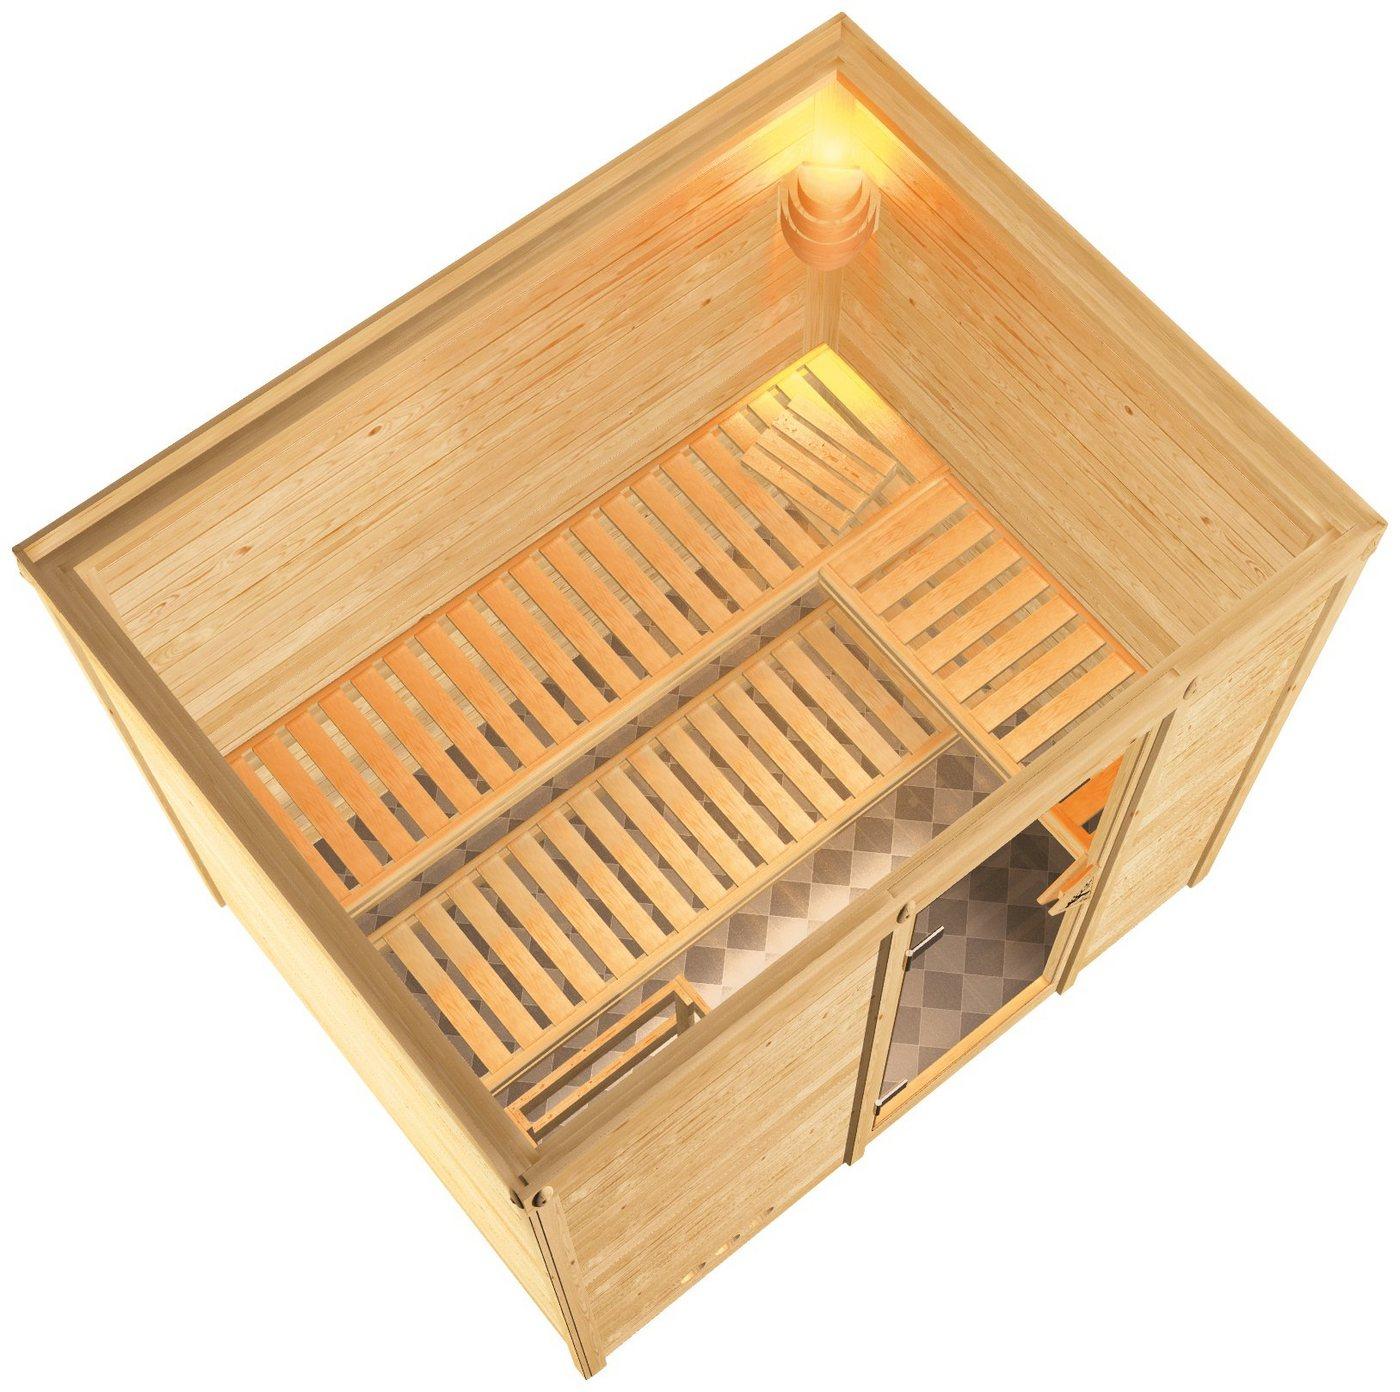 KARIBU Sauna »Sonara«, 236/184/209 cm, 9-kW-Ofen mit int. Steuerung, Glastür grafit